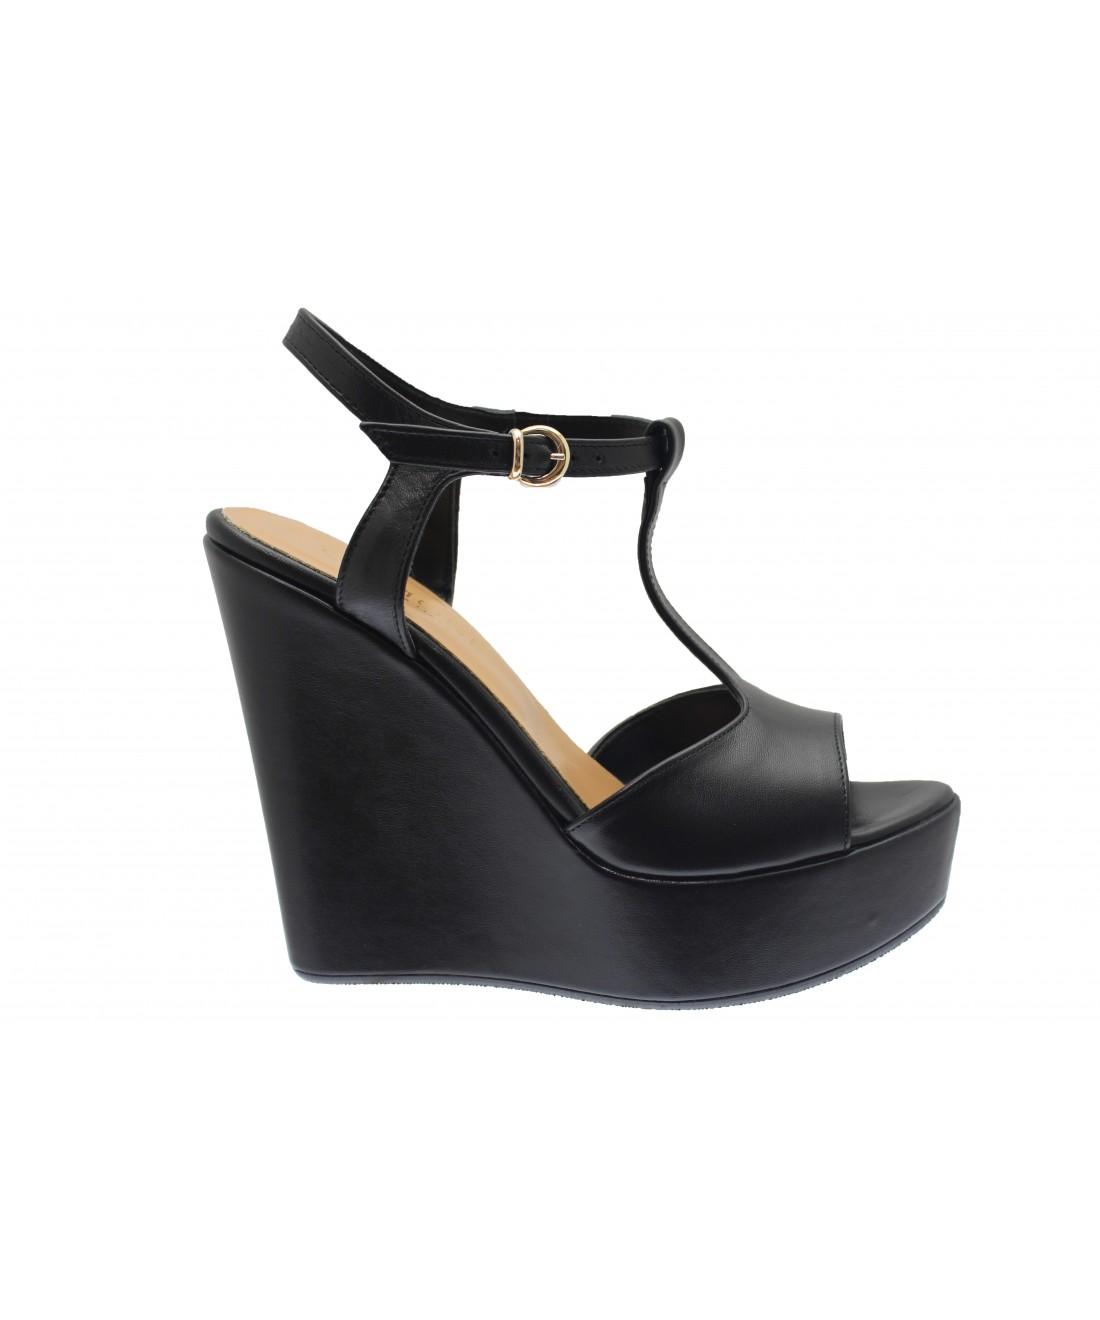 Sandale Shoes Compensée Prix Osmose Renversant À Cuir Femme Noir Paris P0wOnk